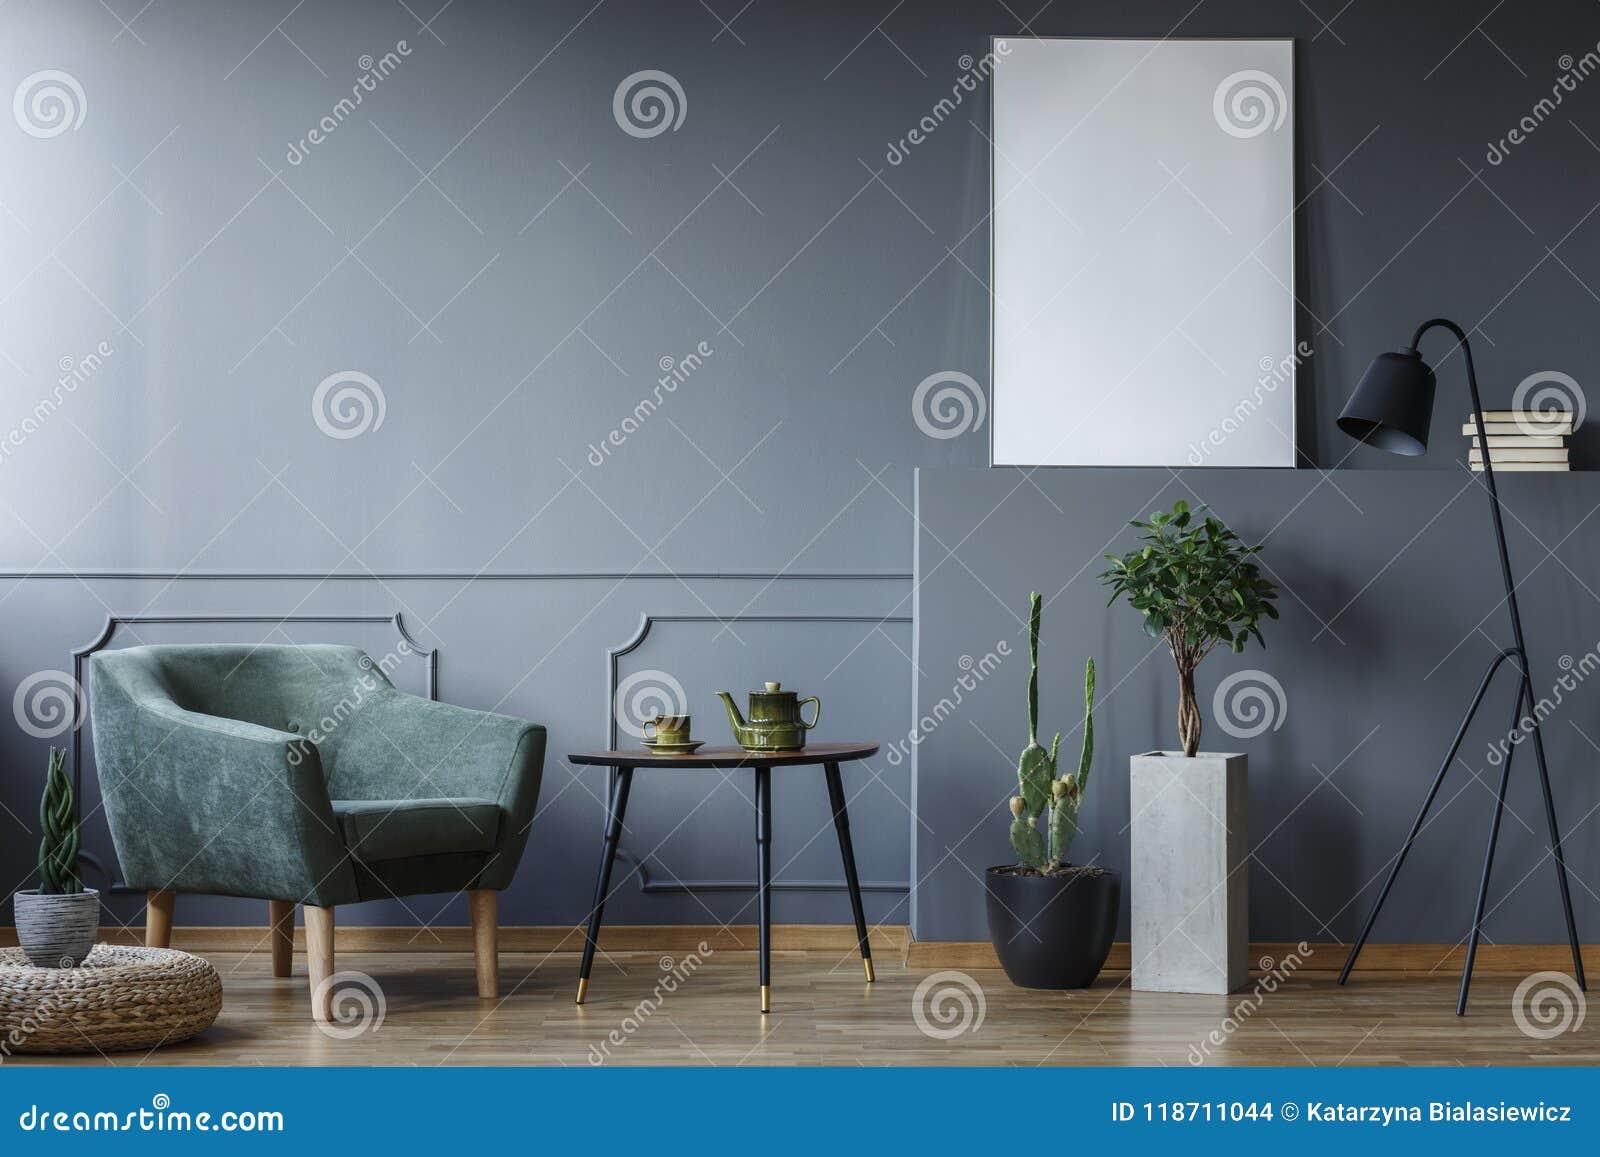 Черная таблица между зелеными креслом и заводами в сером интерьере w